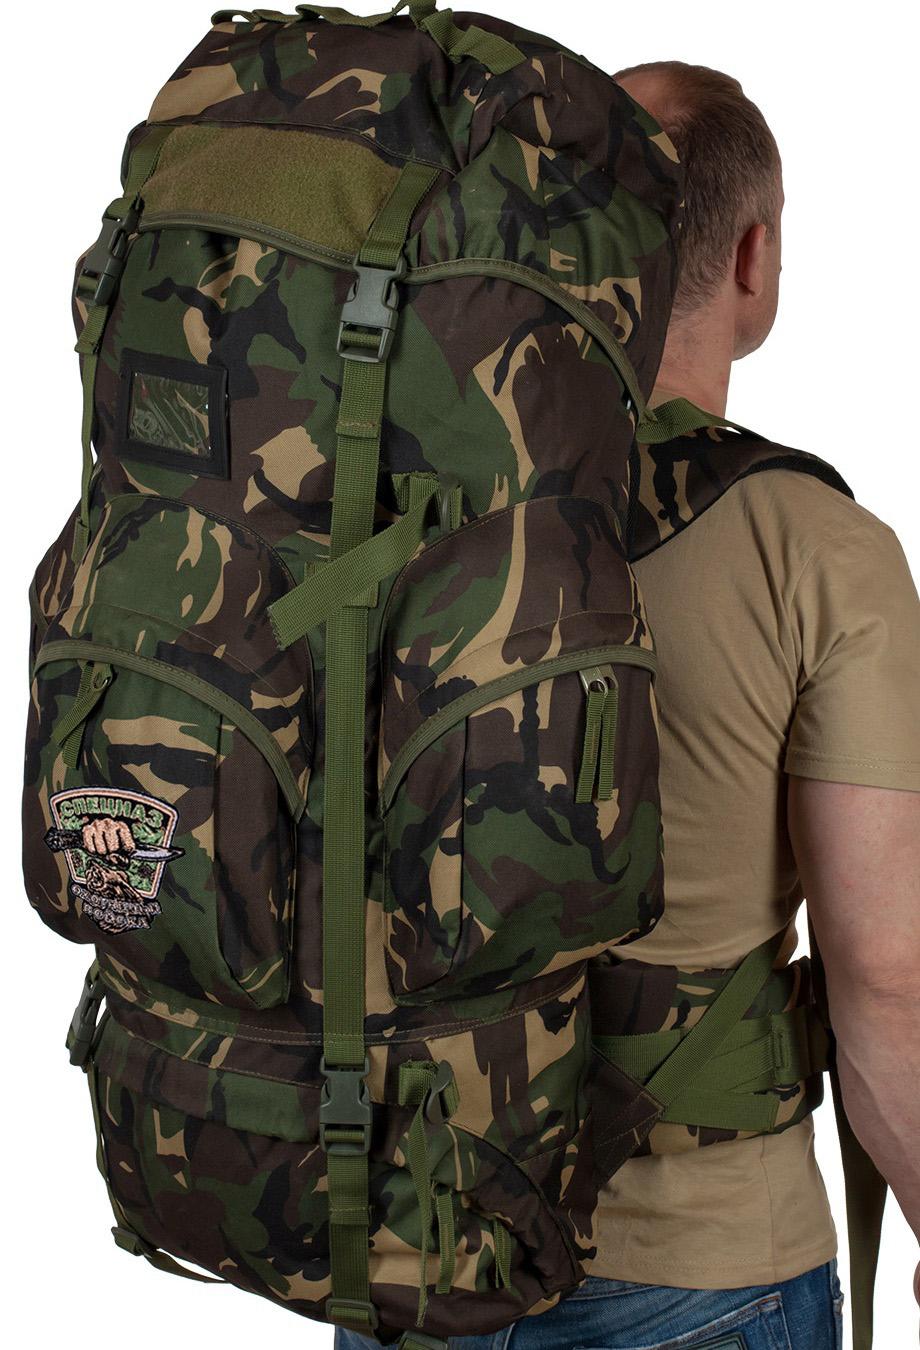 Большой тактический рюкзак с нашивкой Охотничий спецназ